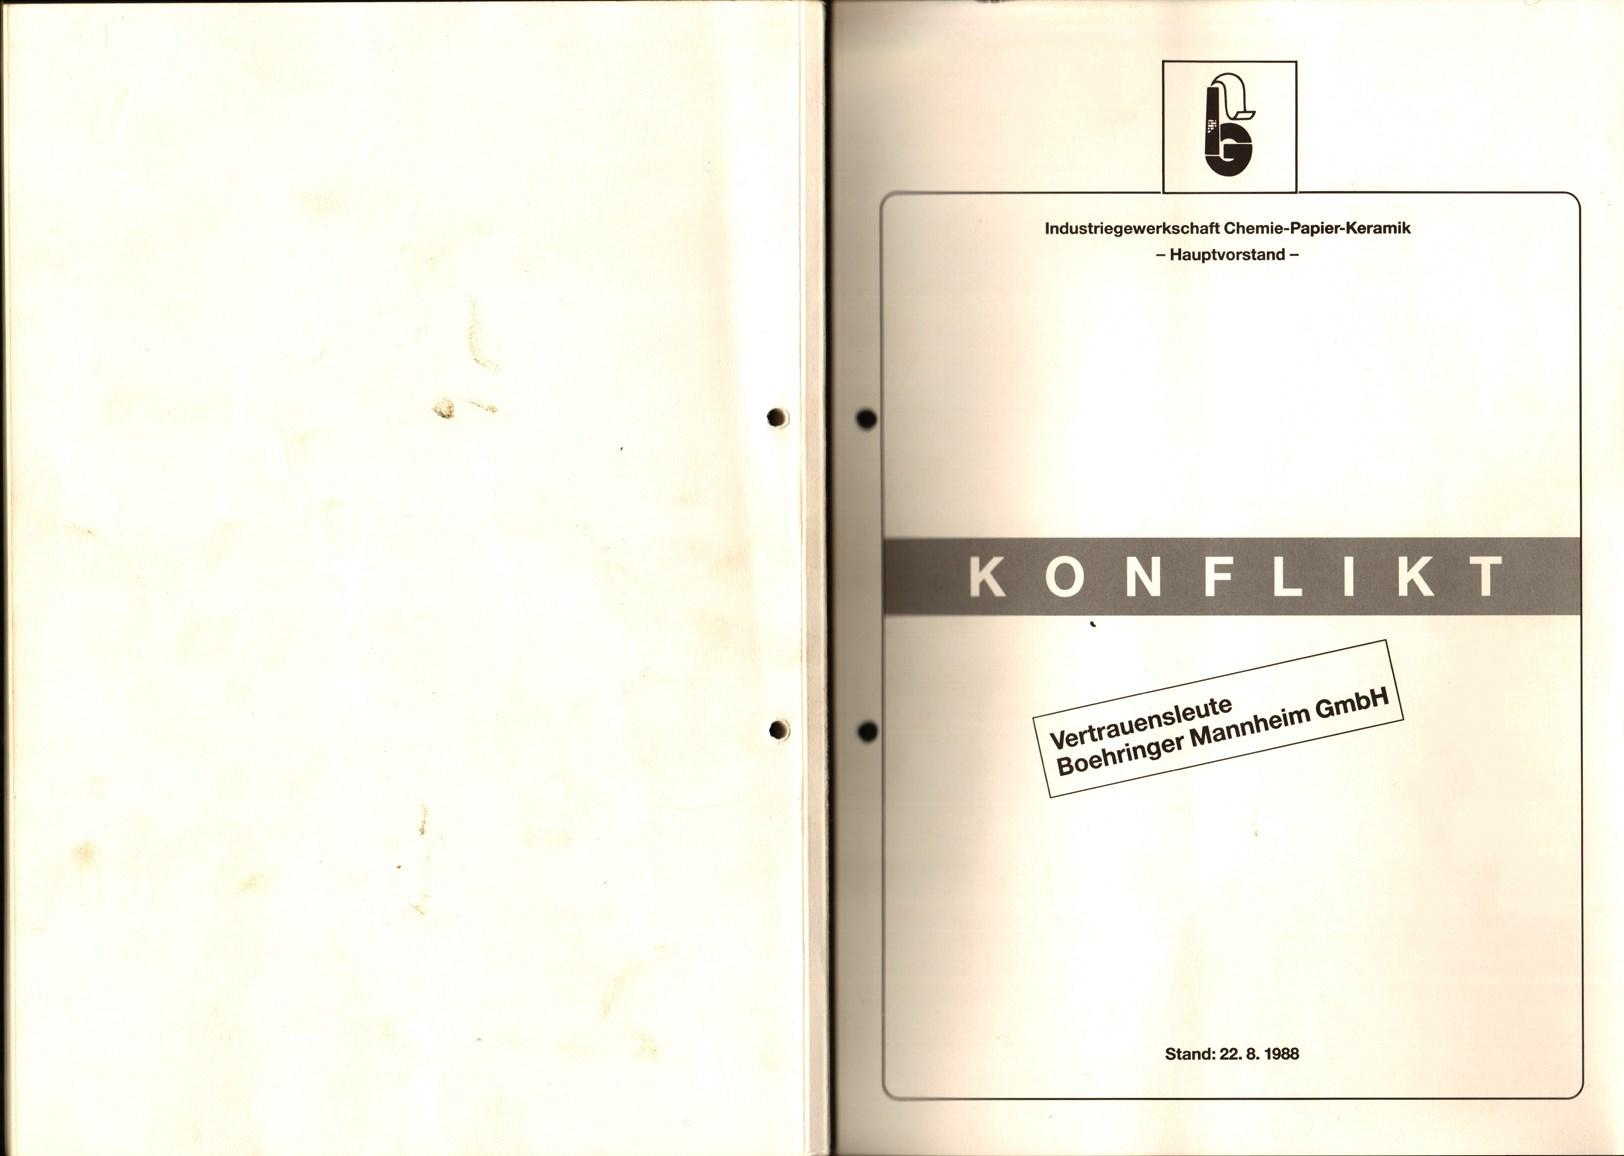 Mannheim_Boehringer_Ausschluss_VKL_Doku1_1988_01